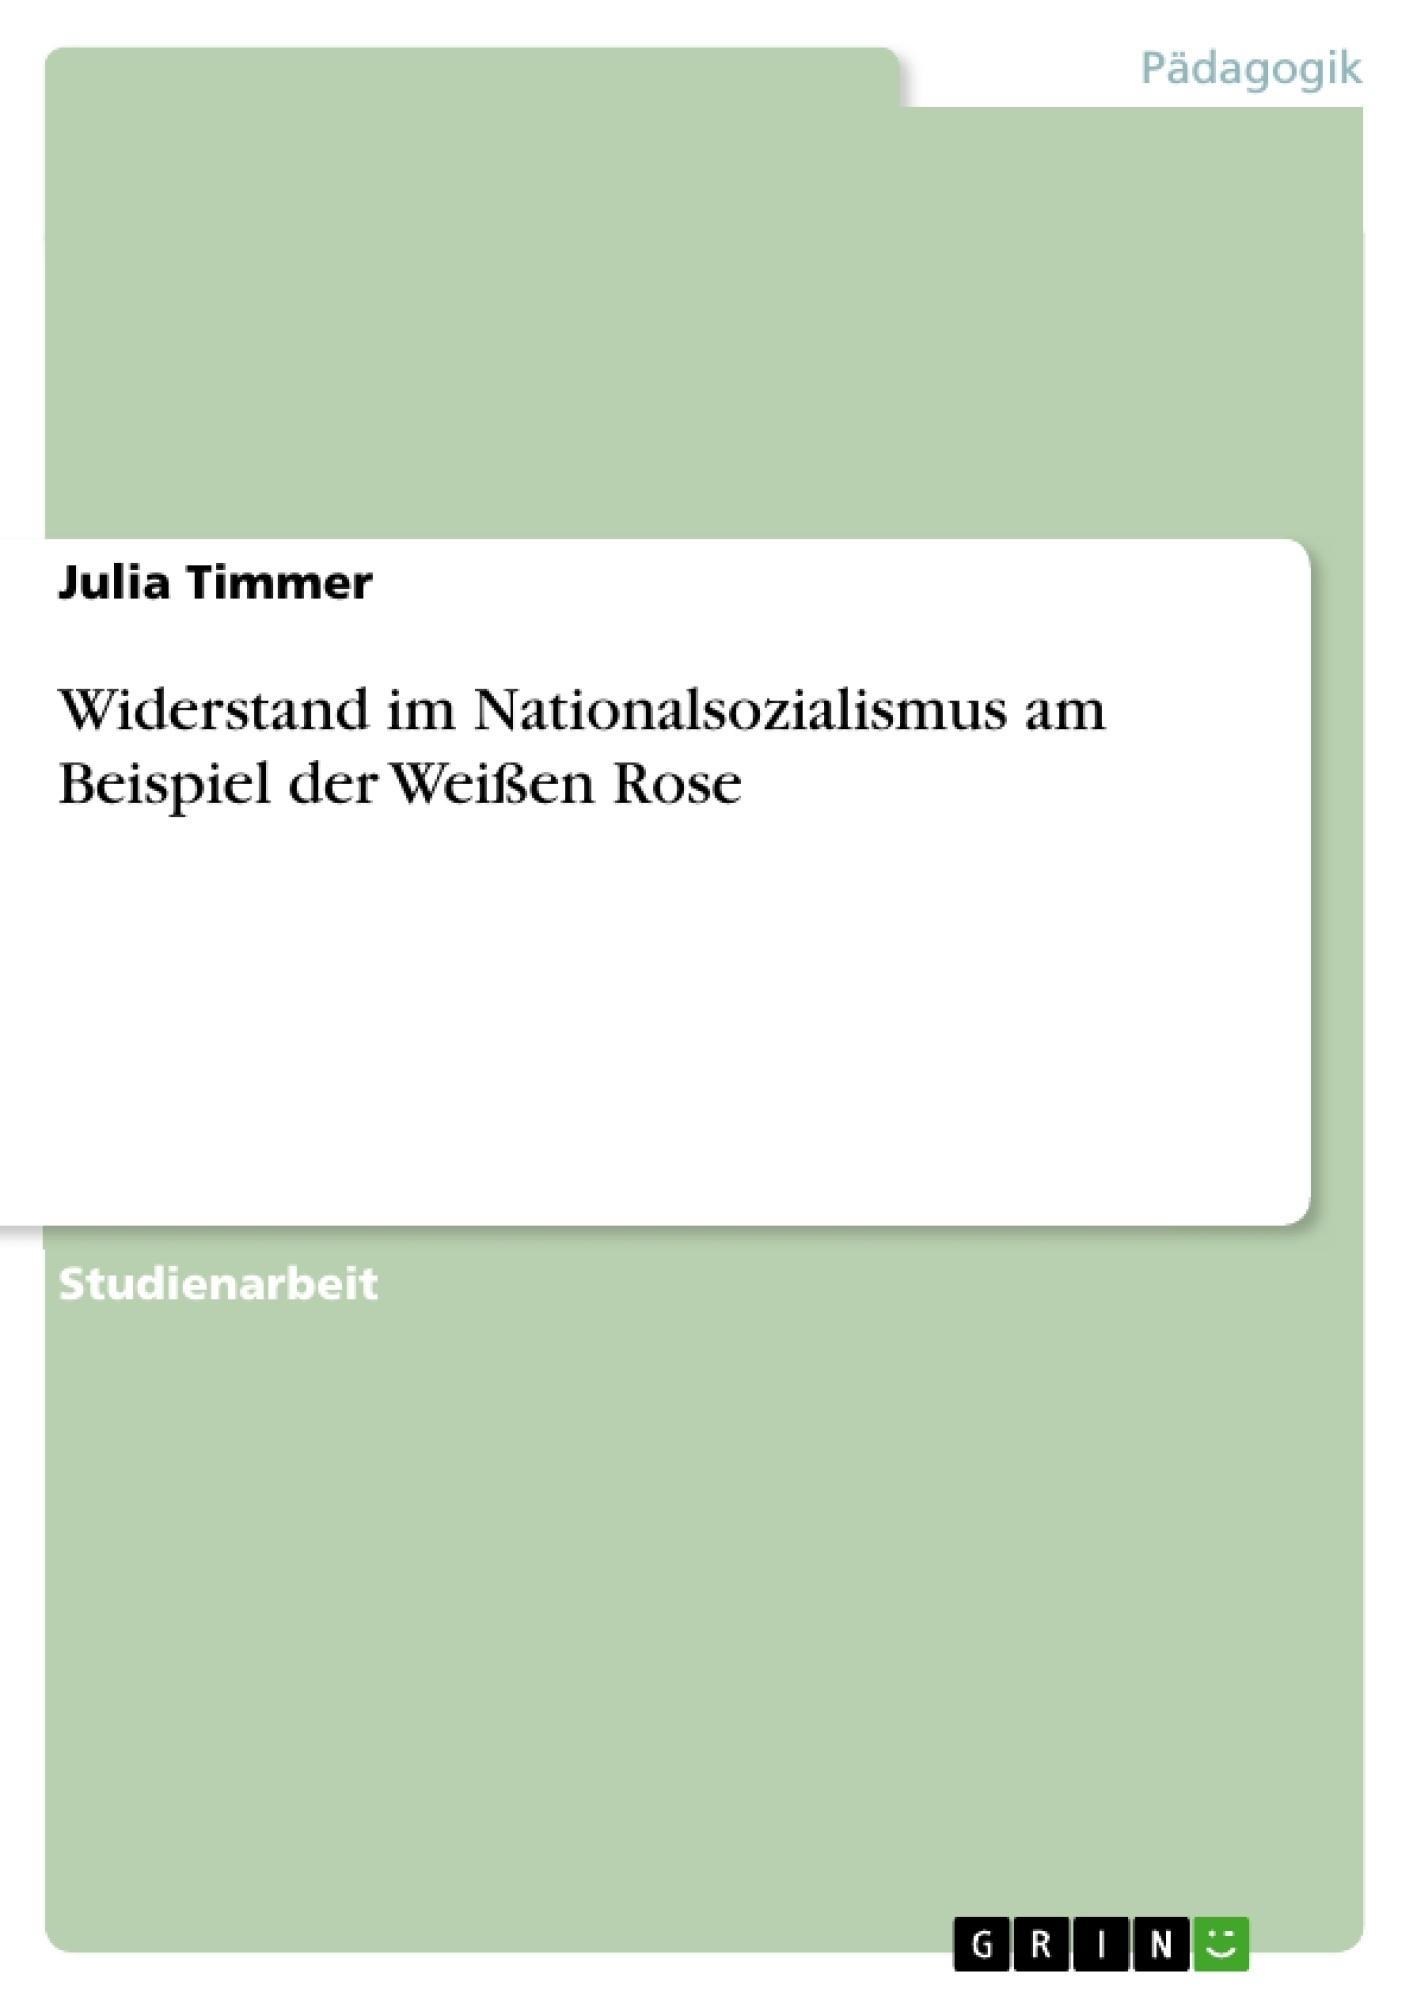 Titel: Widerstand im Nationalsozialismus am Beispiel der Weißen Rose